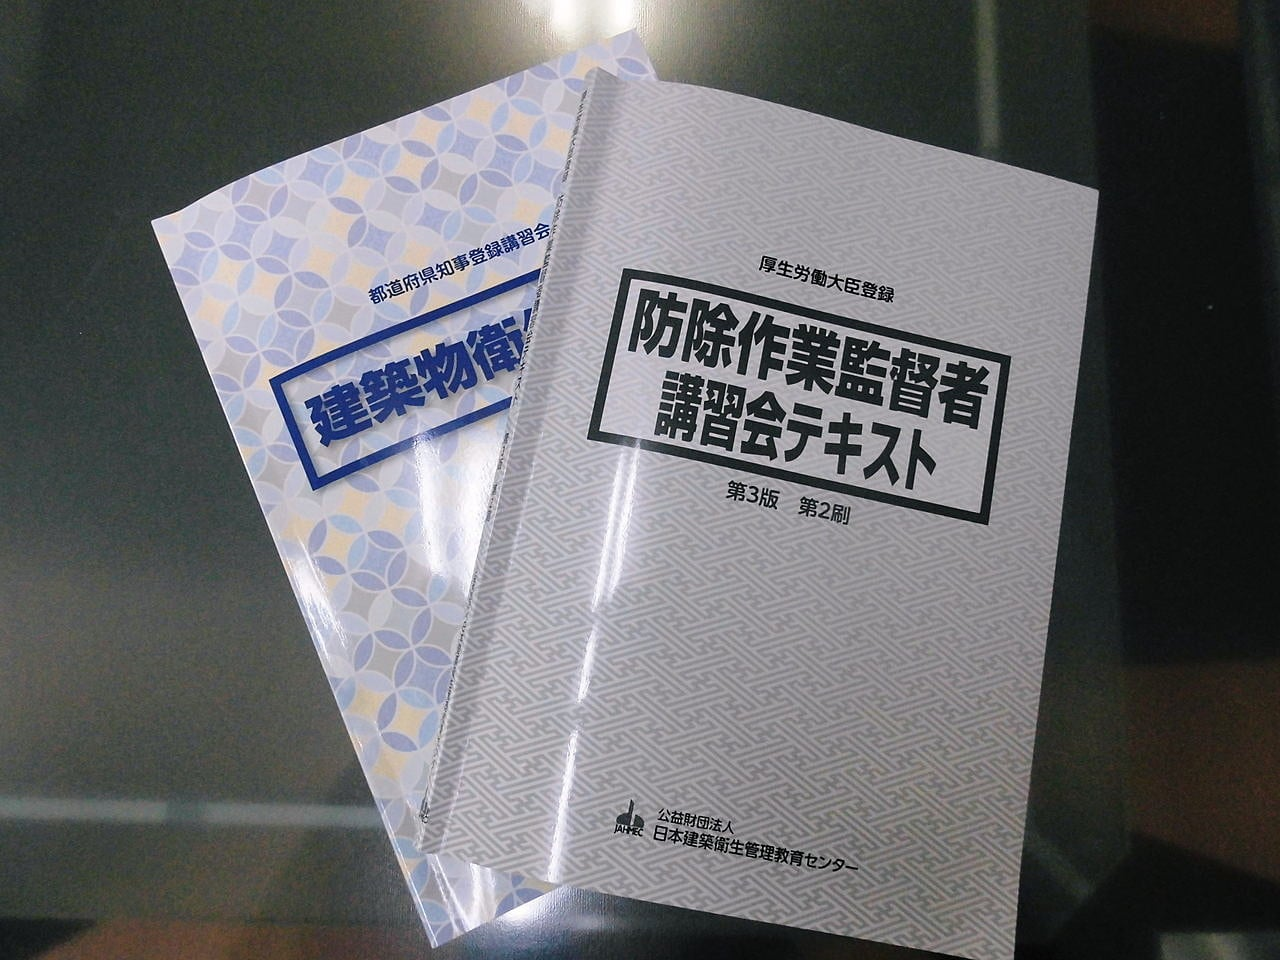 作業 者 防除 監督 防除作業監督者講習会(再)|公益財団法人 日本建築衛生管理教育センター